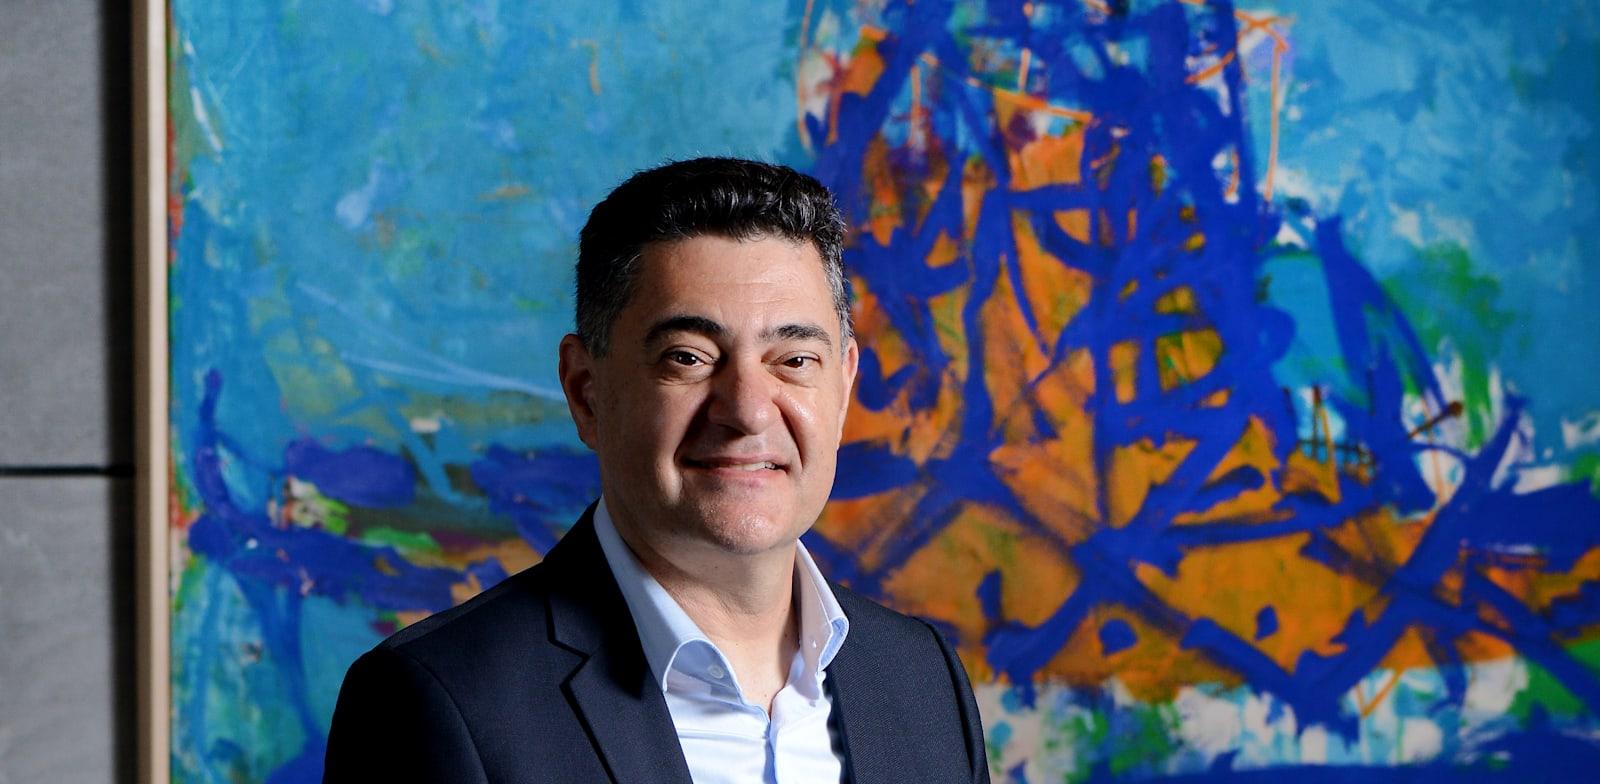 עודד סלומי, ראש חטיבת התשלומים בנק ישראל / צילום: איל יצהר